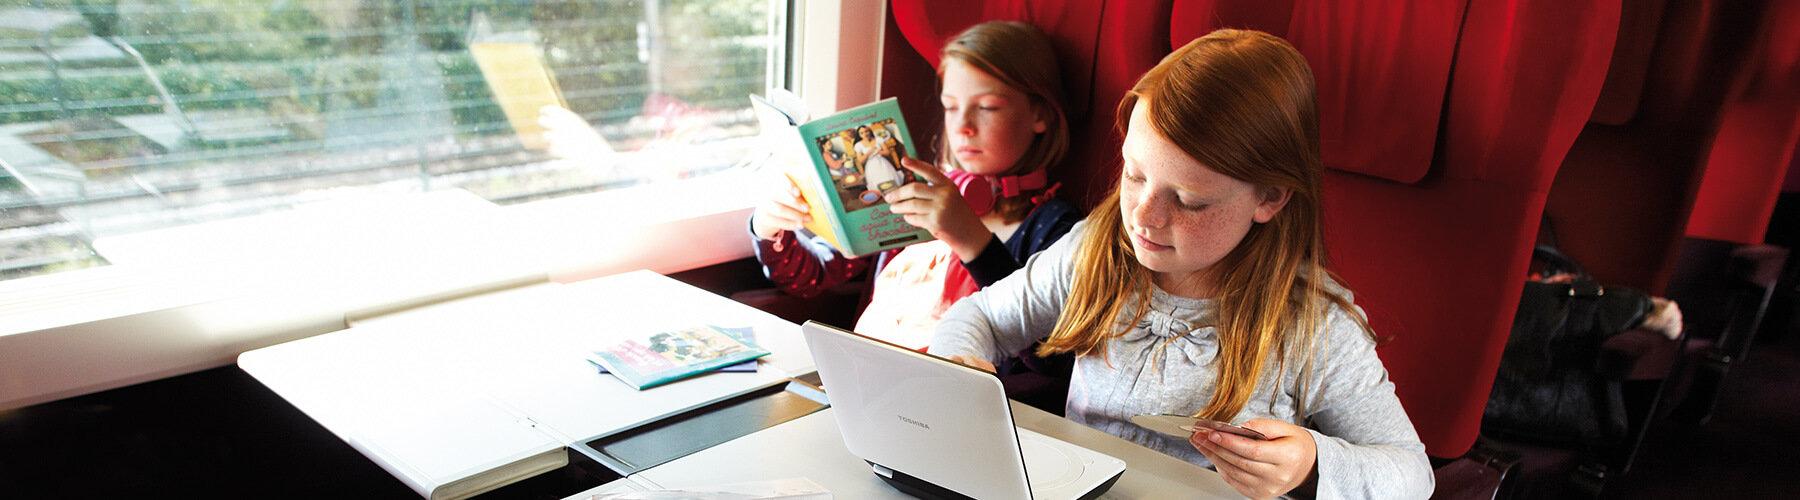 Twee meisjes in een trein